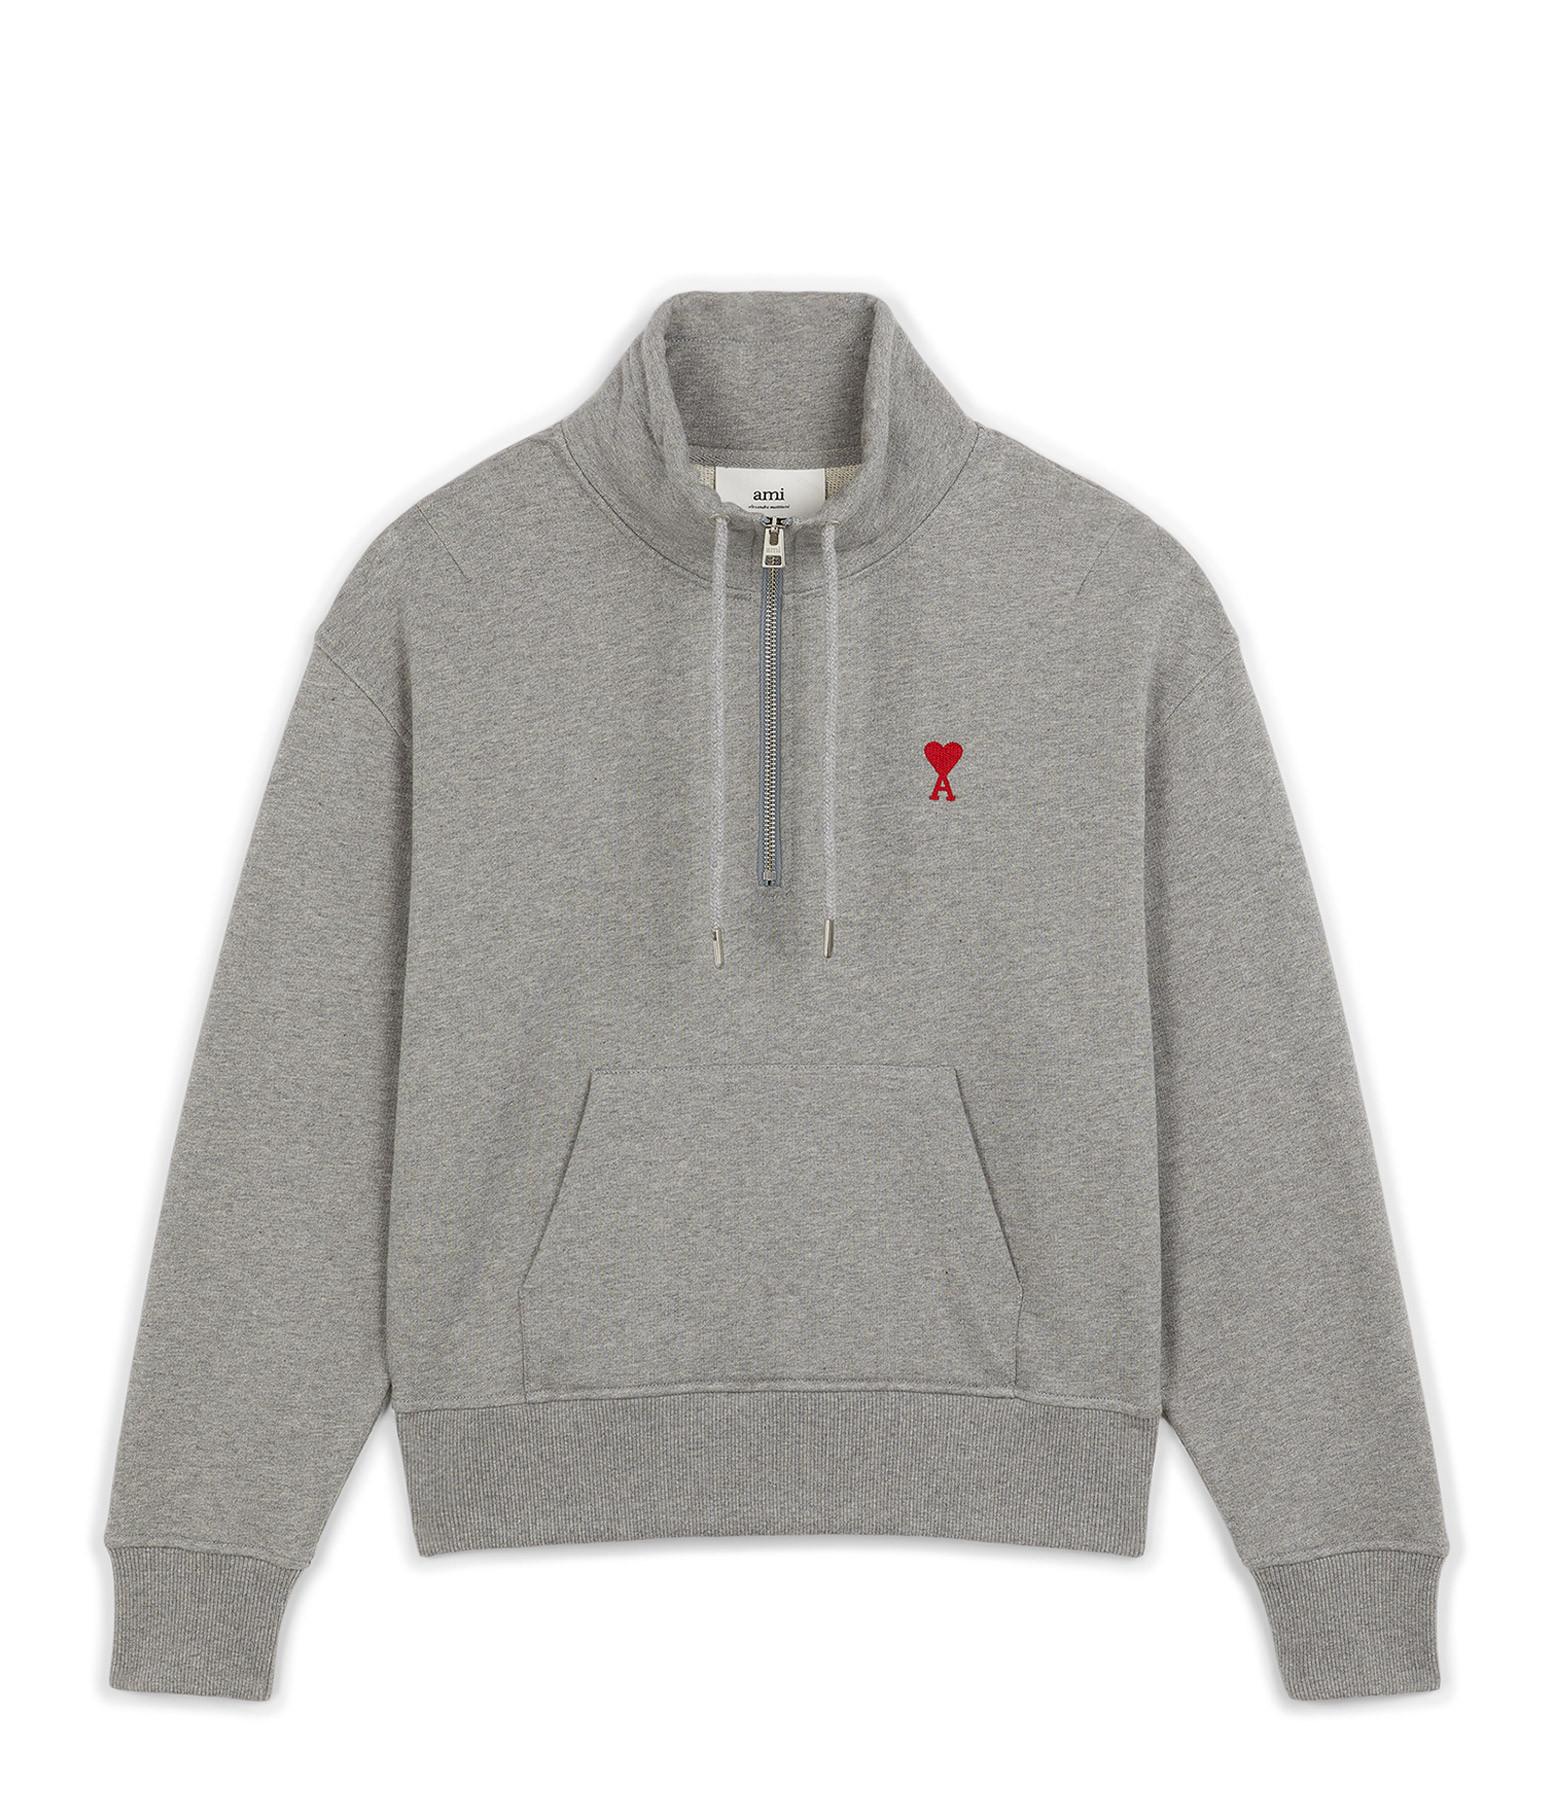 AMI PARIS - Sweatshirt Zip Ami de Coeur Coton Biologique Gris